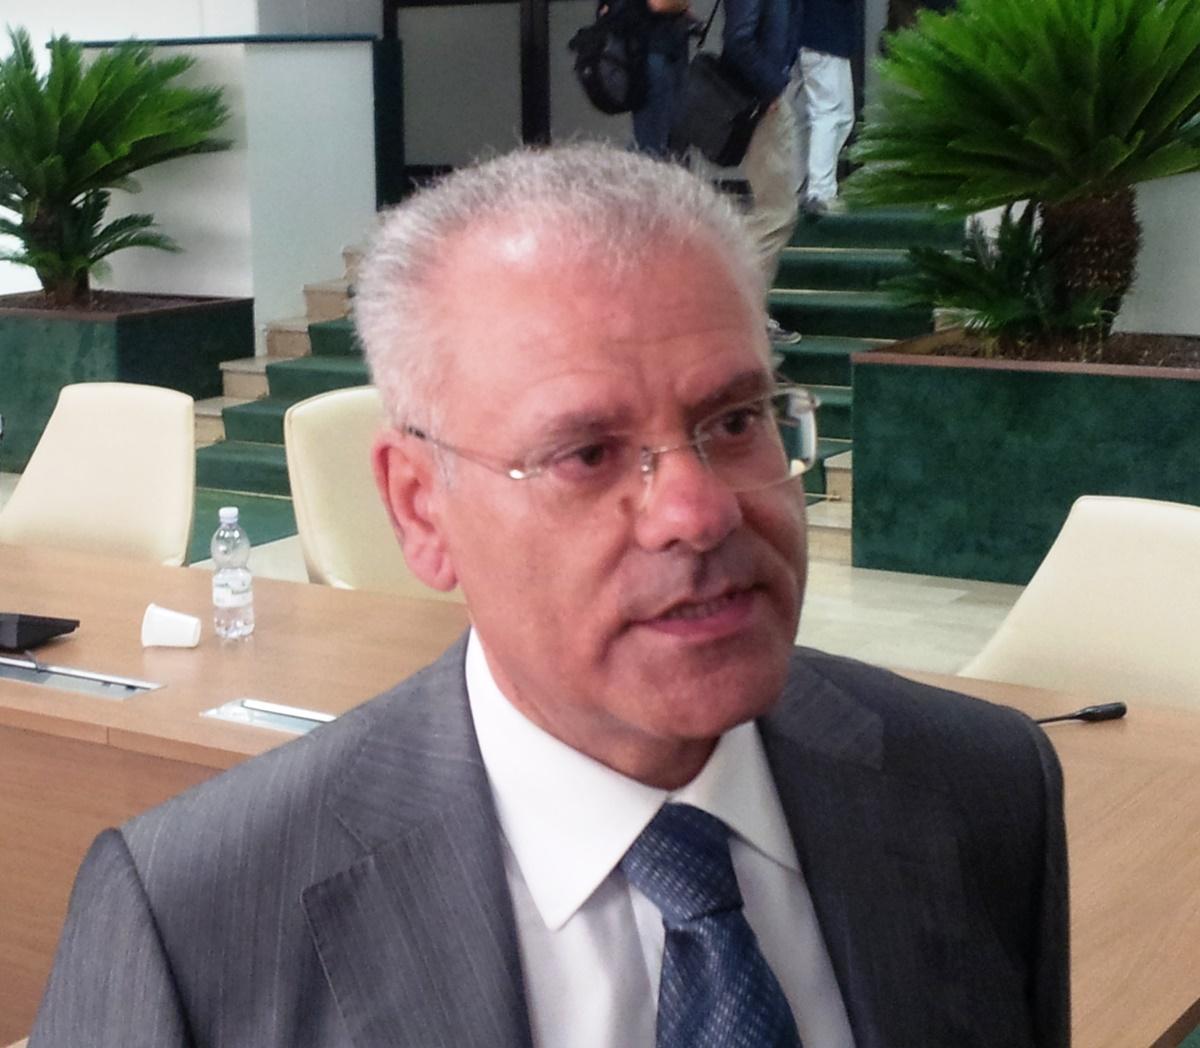 Prometteva lavoro in cambio di voti, l'ex consigliere regionale Rappoccio condannato a 3 anni